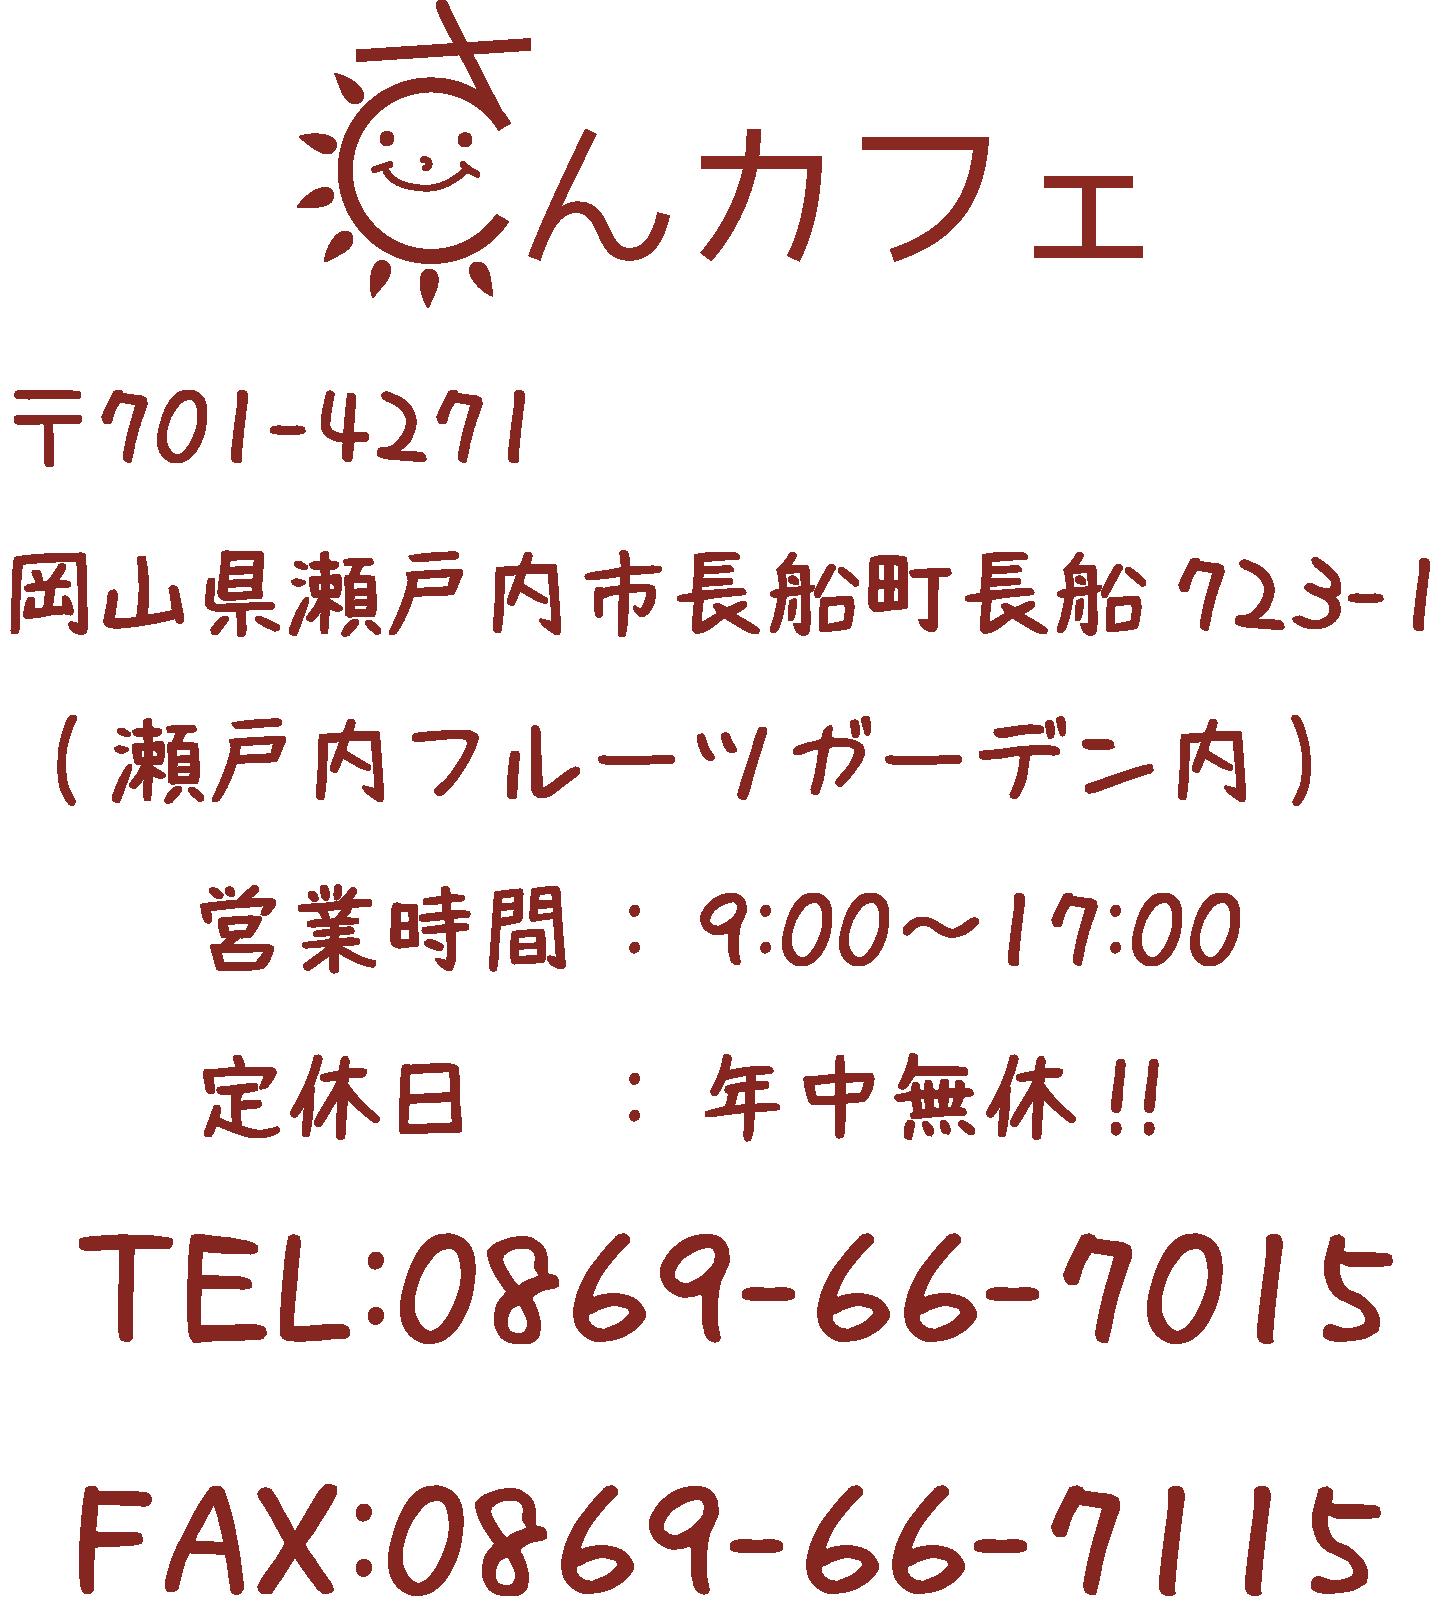 岡山県瀬戸内市長船町長船723-1